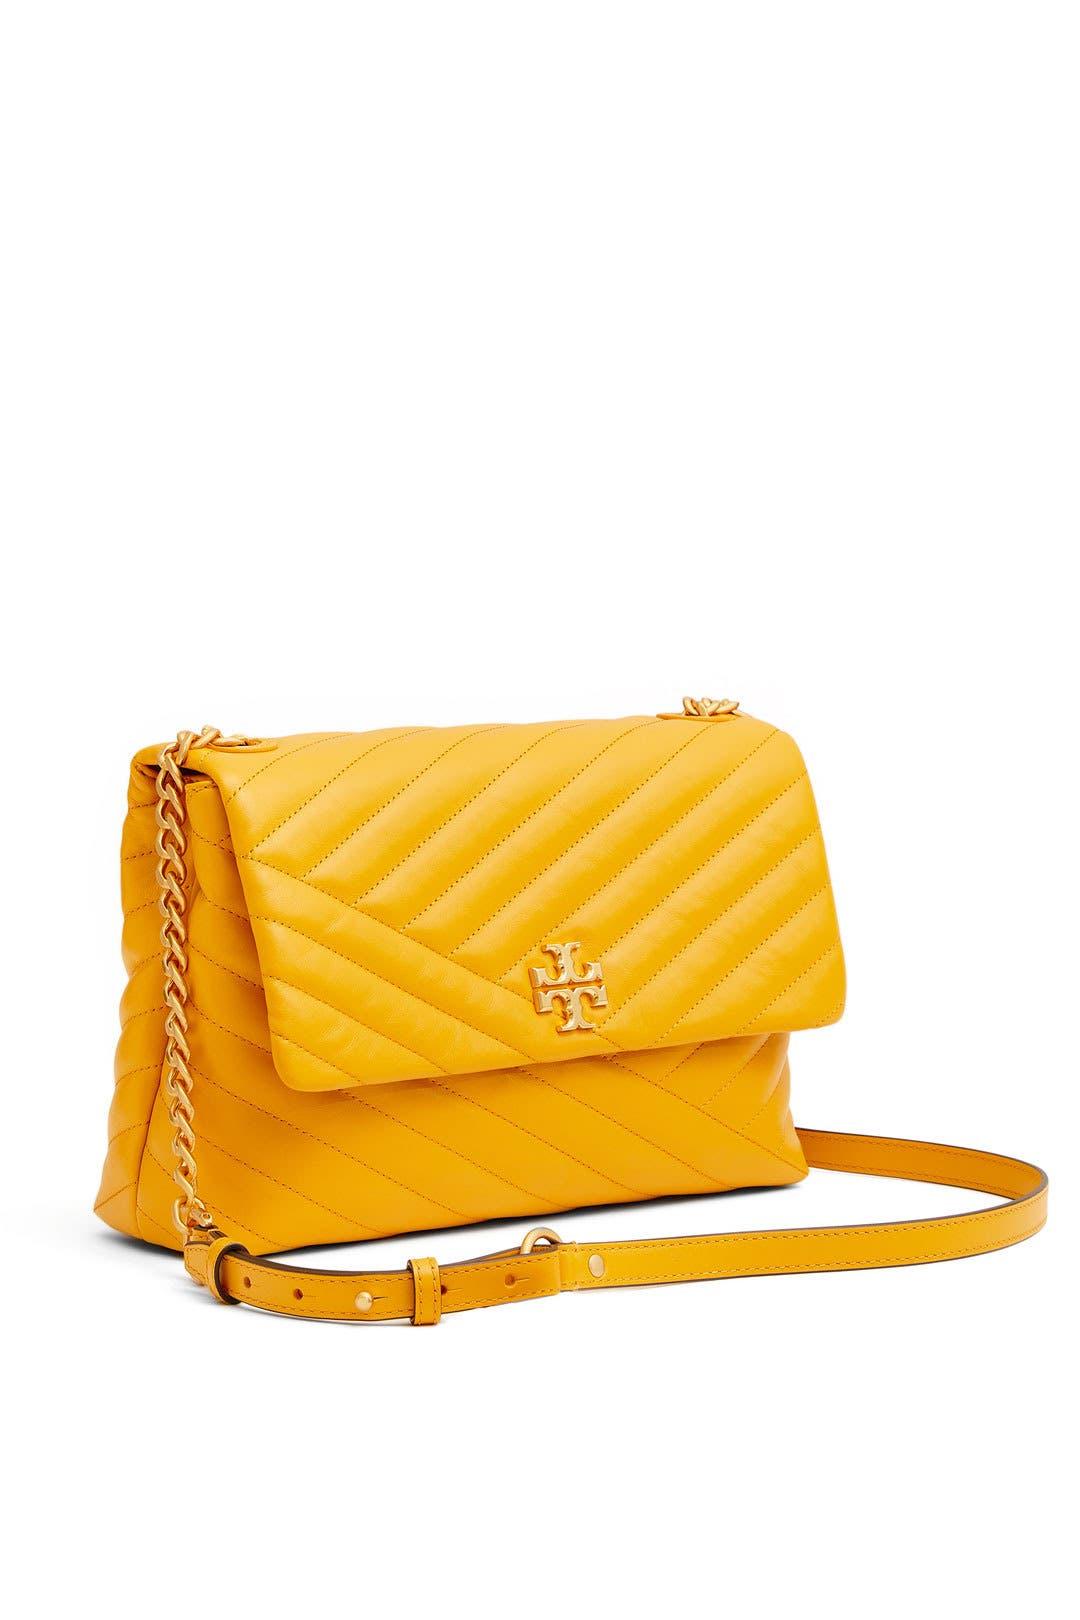 eccc1659d246 Tory Burch Accessories. Read Reviews. Kira Chevron Flap Shoulder Bag